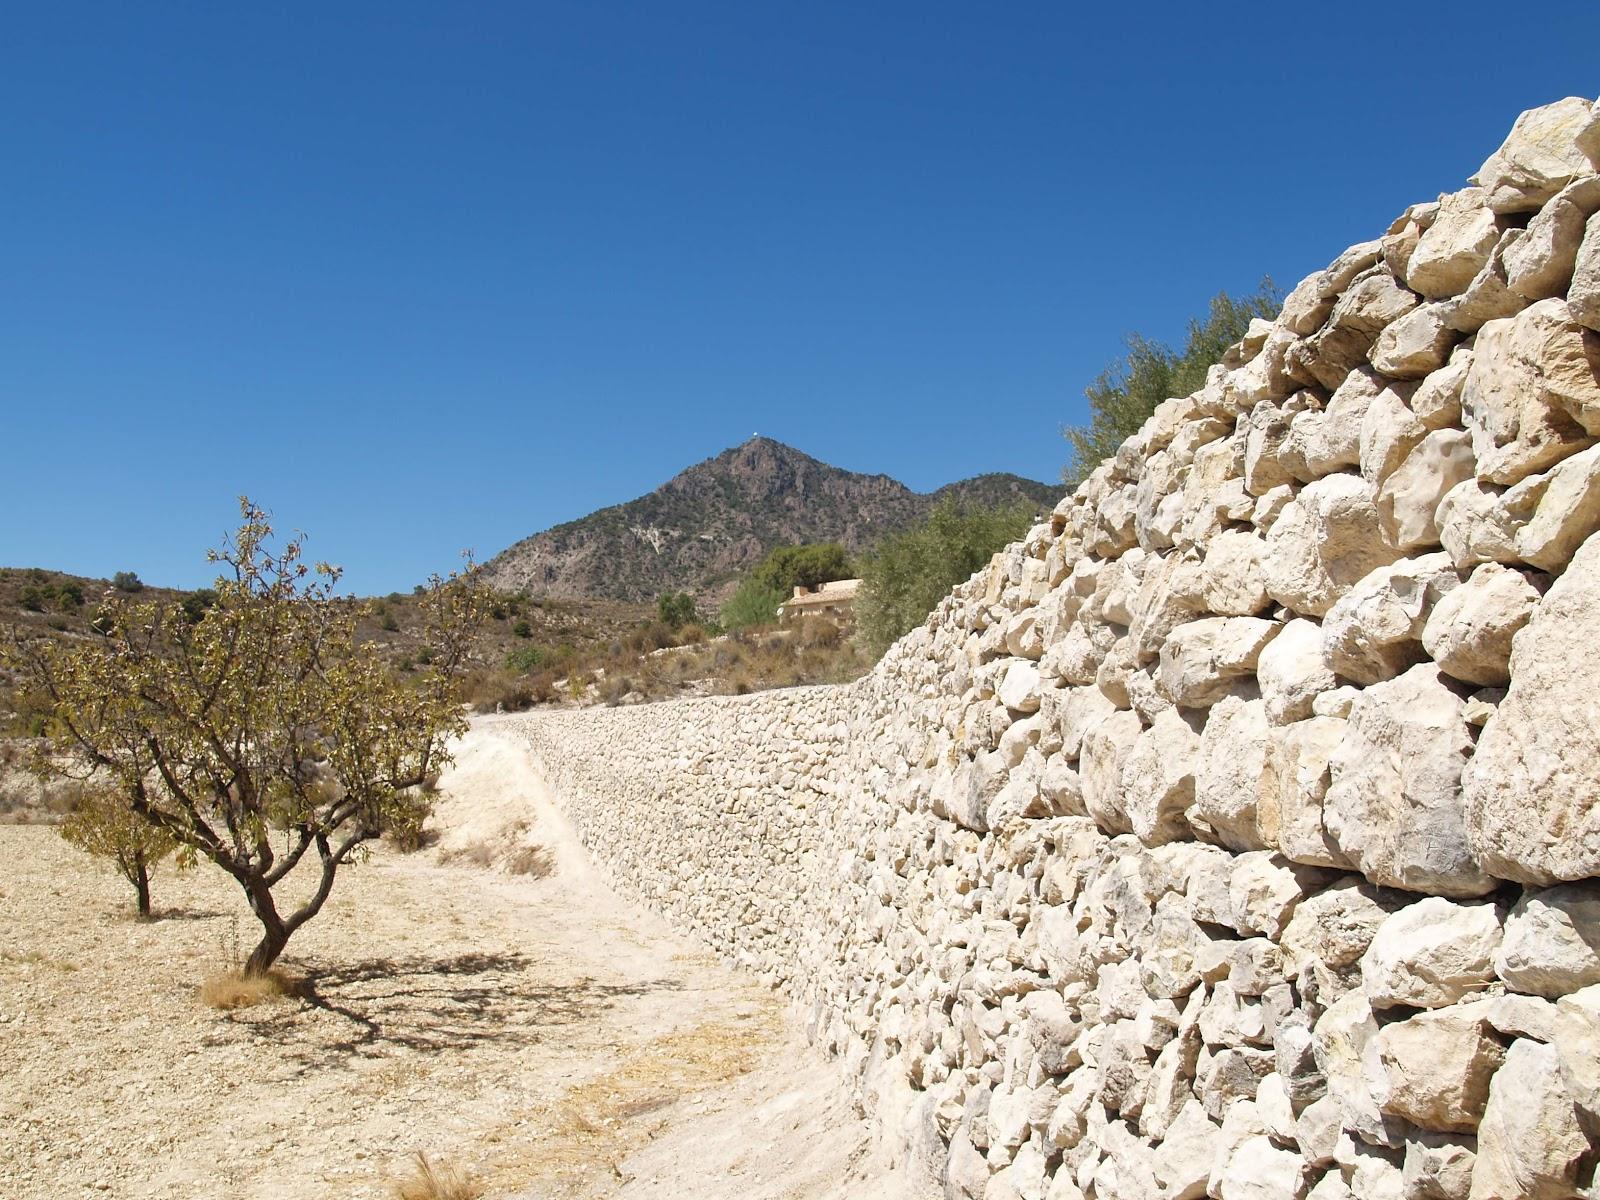 Finca el anillao los muros de piedra seca en la finca el - Muros de piedra ...